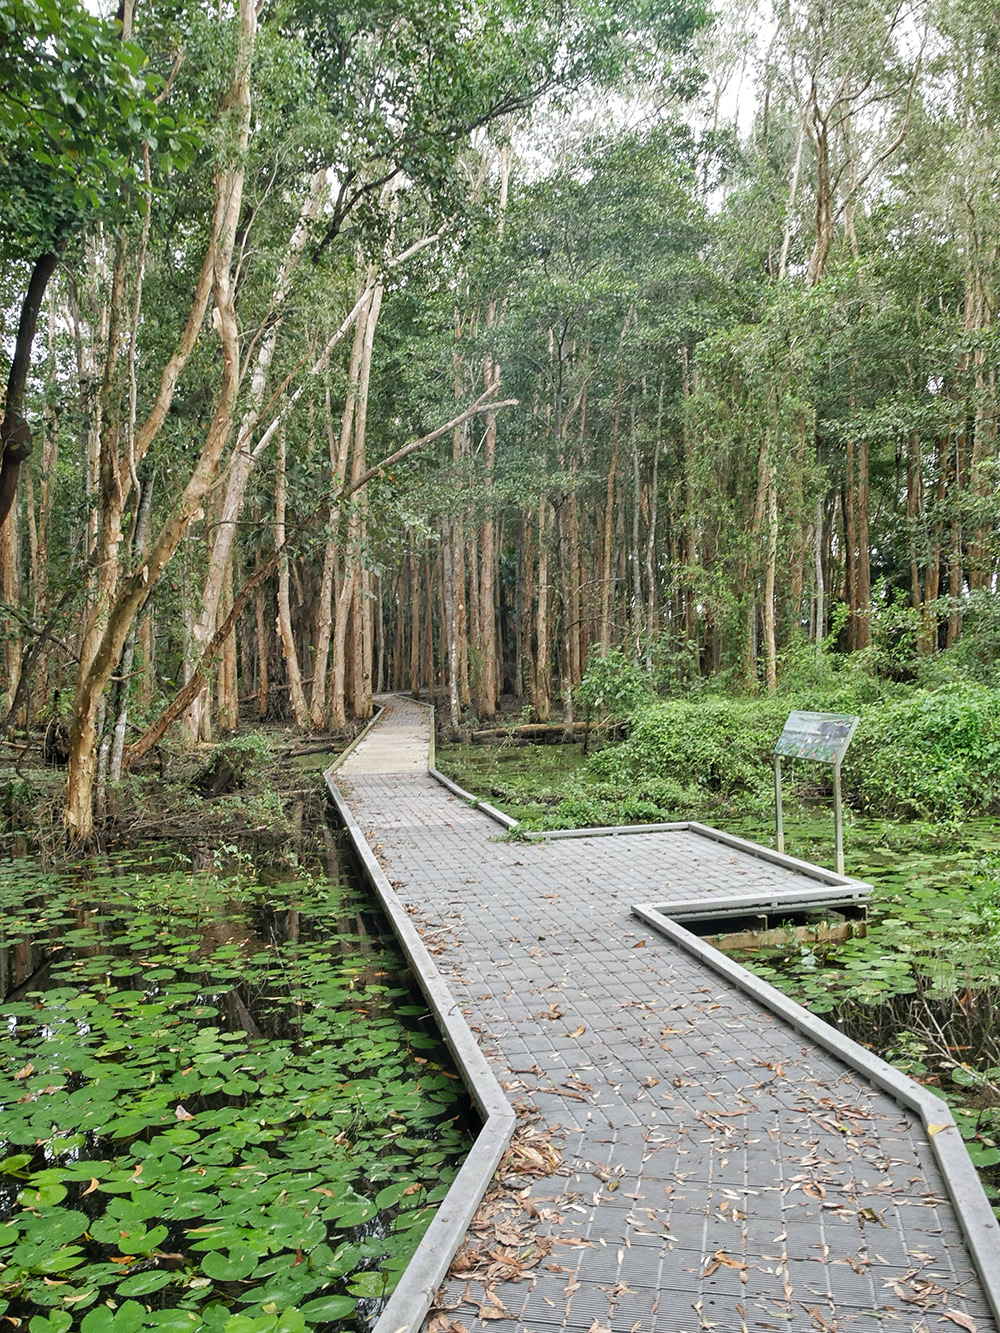 Door de verhoogde aangelegde wandelpaden krijg je geen natte voeten - Woodlands to Water Lilies Walk